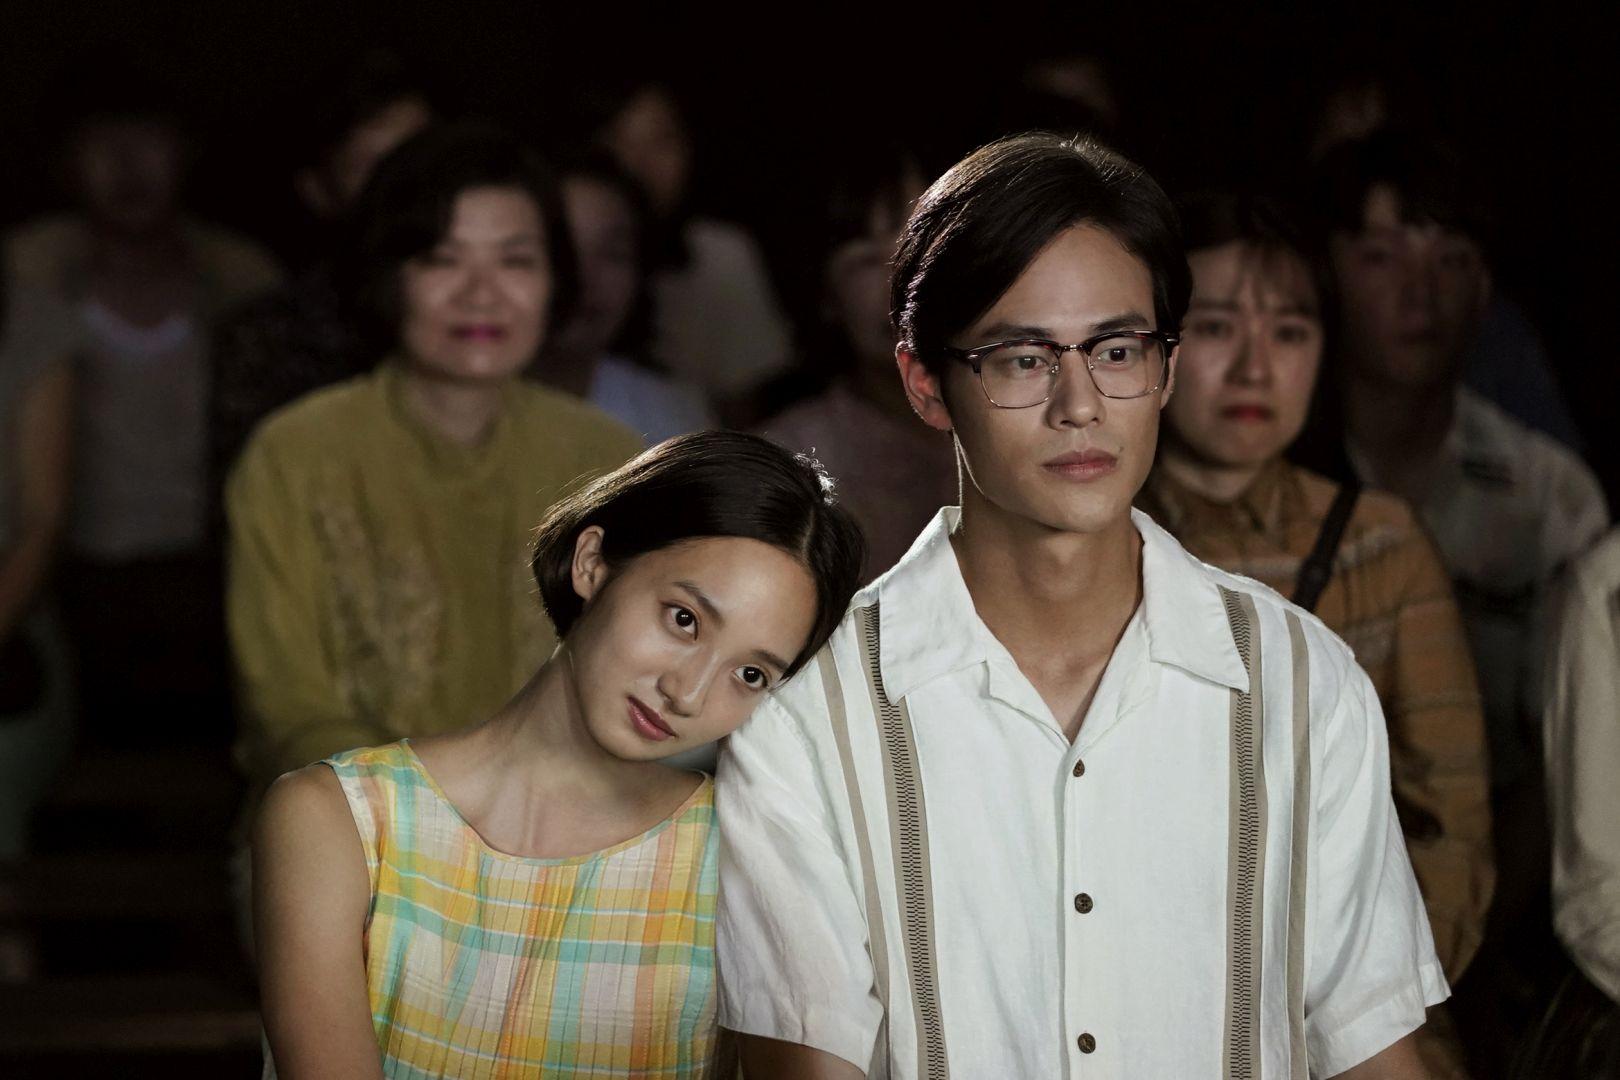 夏騰宏(右)與韓寧(左)拍攝約會戲時兩人全「濕身」